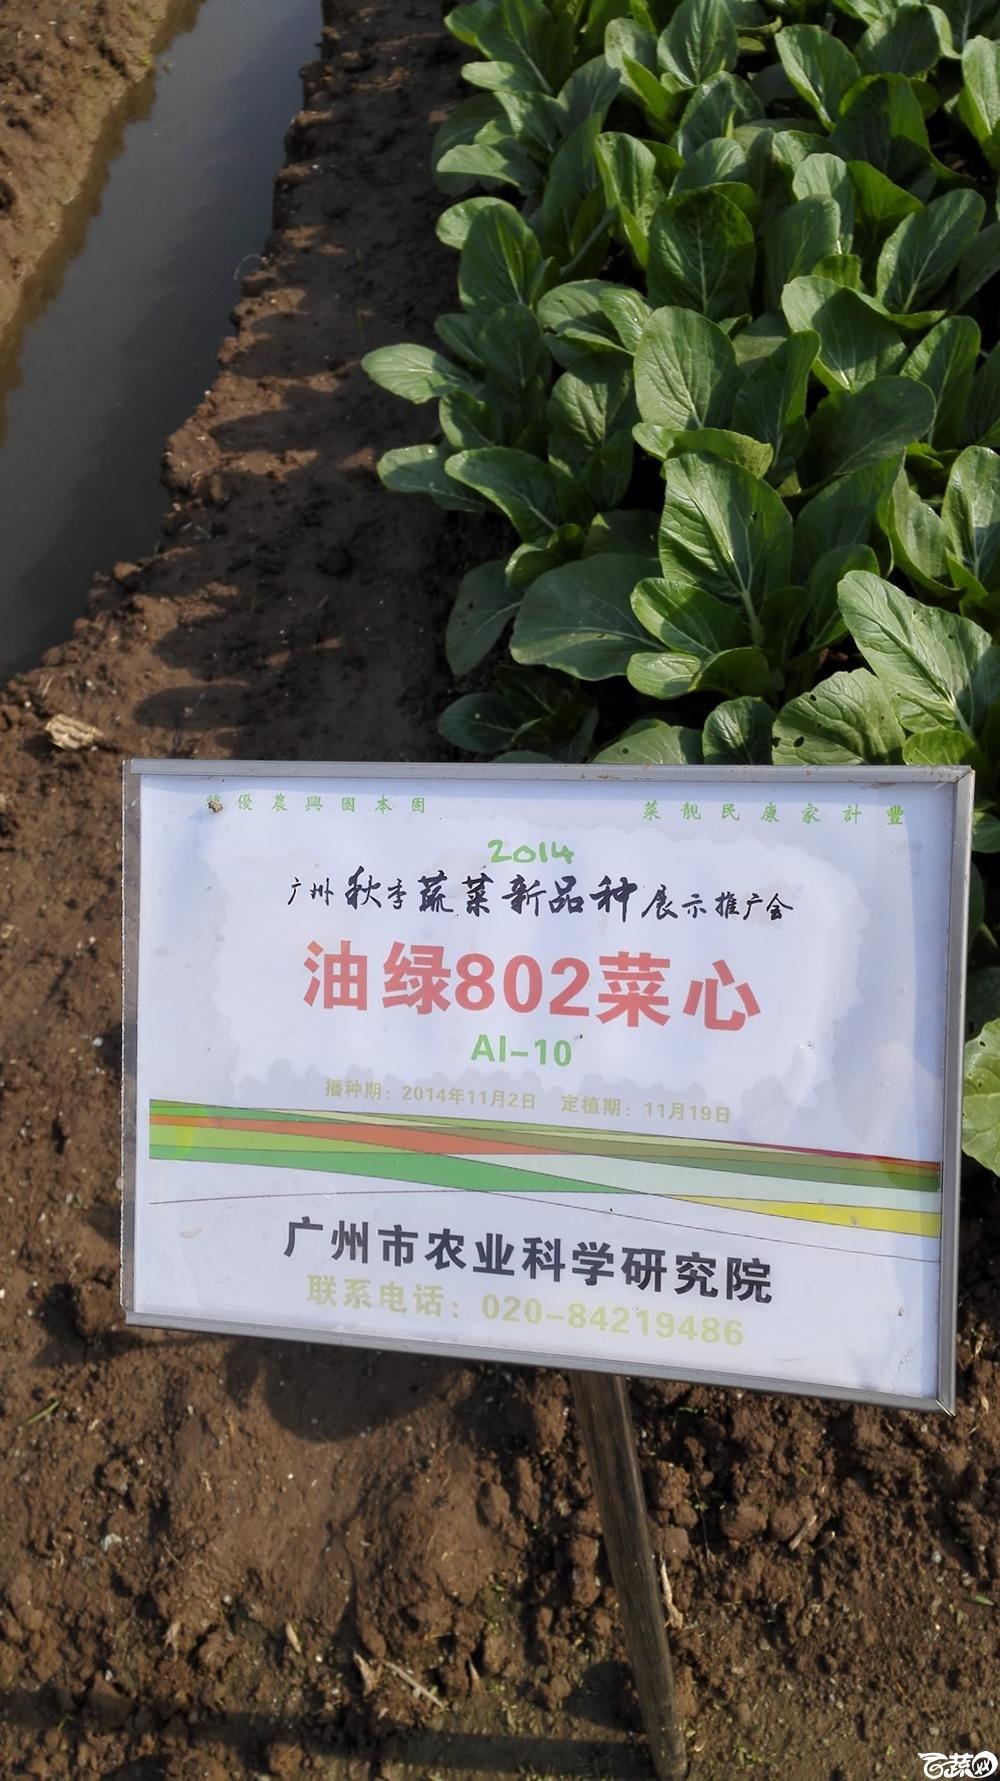 2014年12月10号广州市农科院南沙秋季蔬菜新品种展示会_叶菜_054.jpg